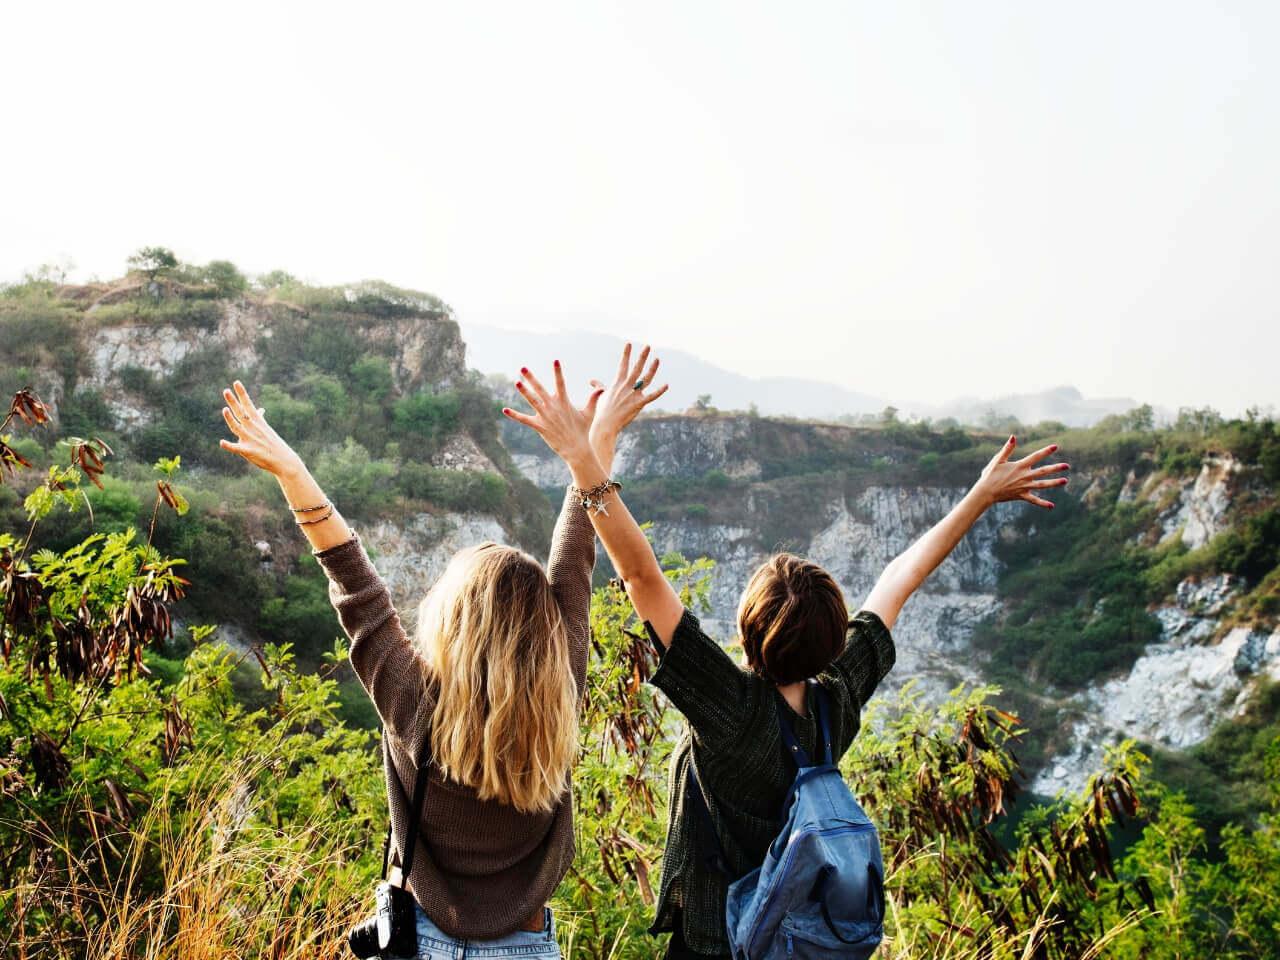 山登りでバンザイして喜ぶ女性二人